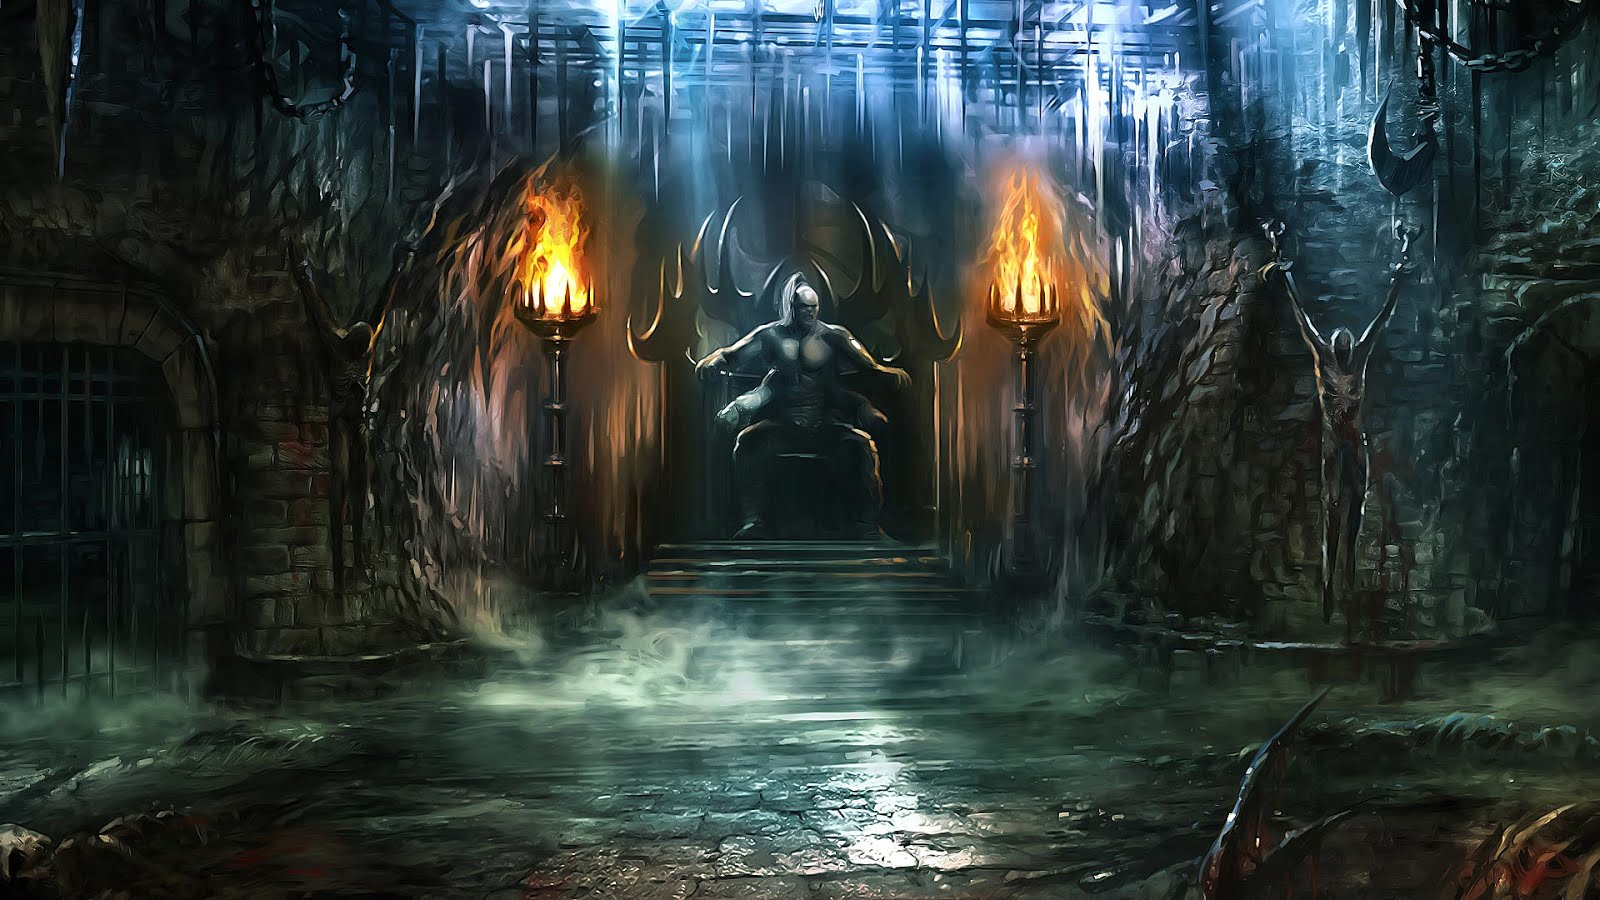 http://4.bp.blogspot.com/-LKqbMBRhBJ8/UJbEwJdfPdI/AAAAAAAAABc/w67pAdlmJbU/s1600/MK-Goros-Lair-Widescreen-Wallpaper-GamersWallpapers.com-.jpg